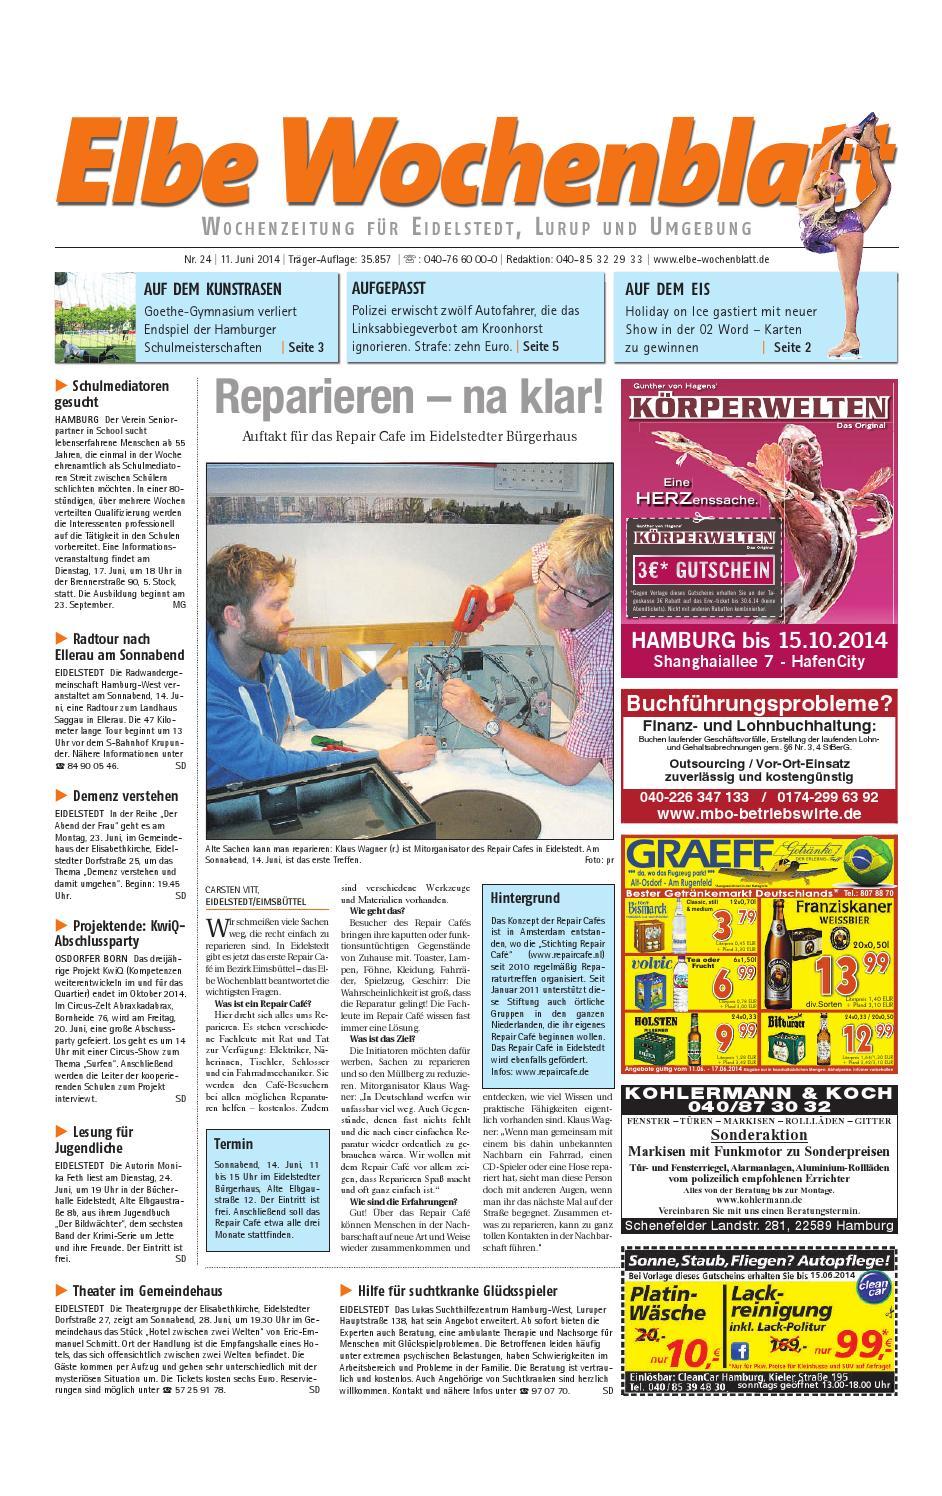 Dach Klempner Dach Firma Einfach Zu Reparieren Mit Dachdecker Offizielle Website Werbebanner Inkl Gestaltung bbd-03